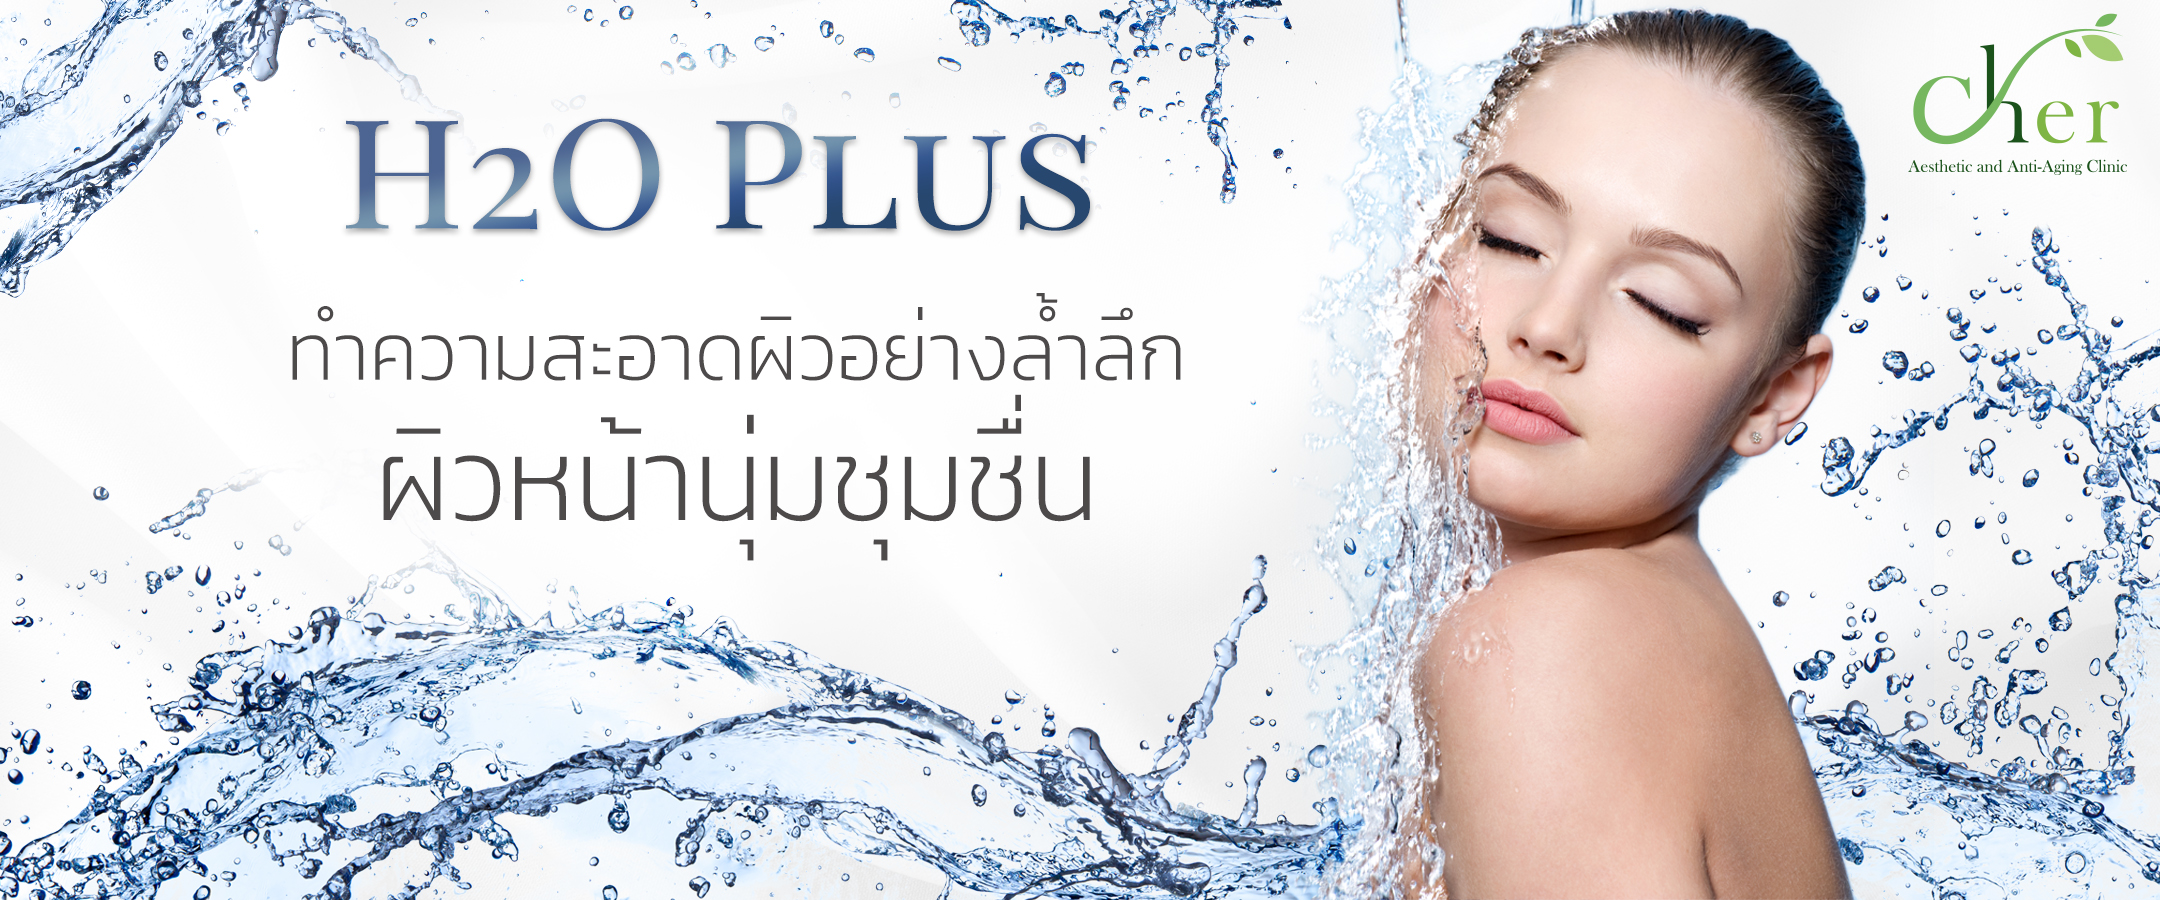 H2O Plus L v2.jpg